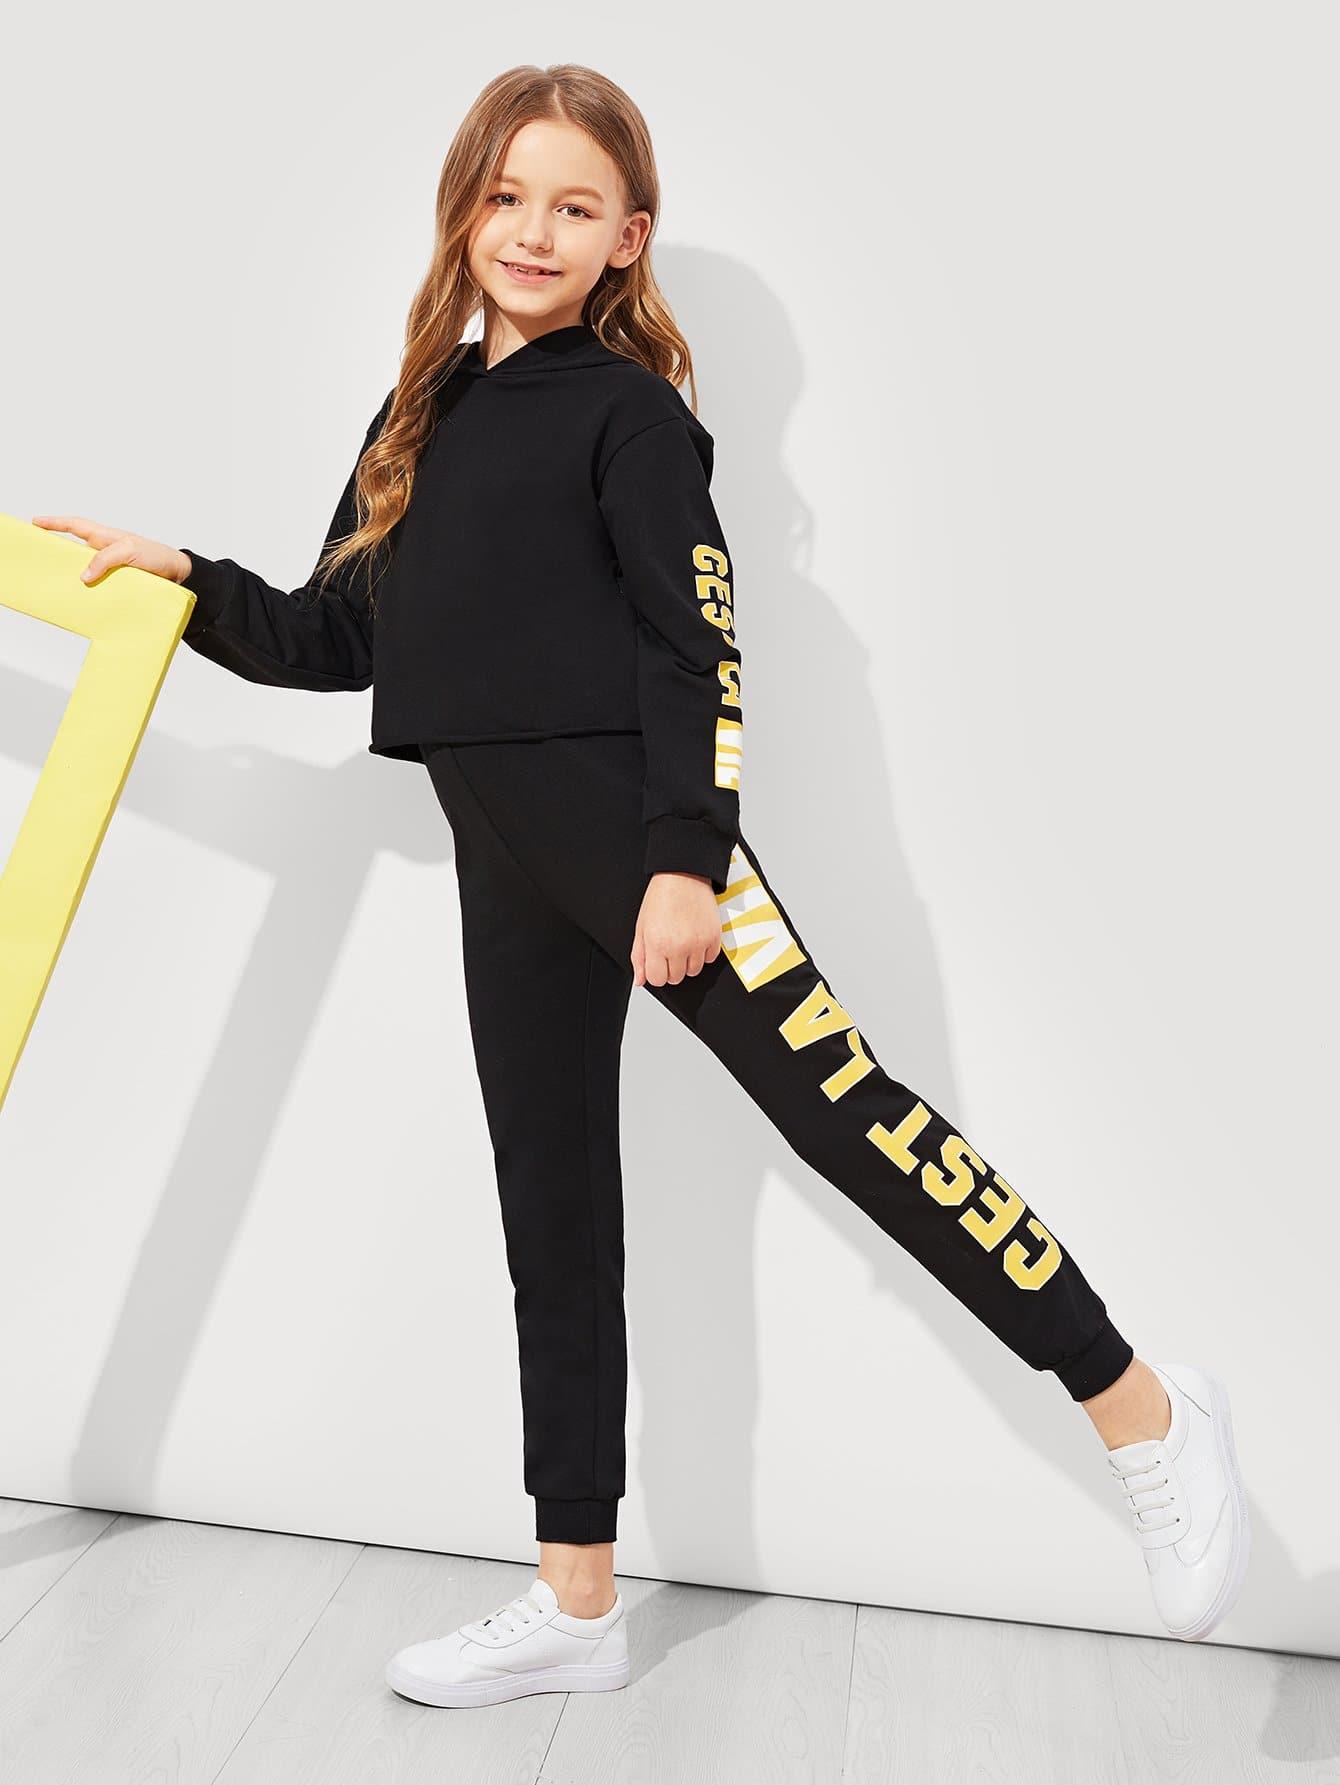 Купить Для девочек толстовка и спортивные брюки комплект, Sashab, SheIn